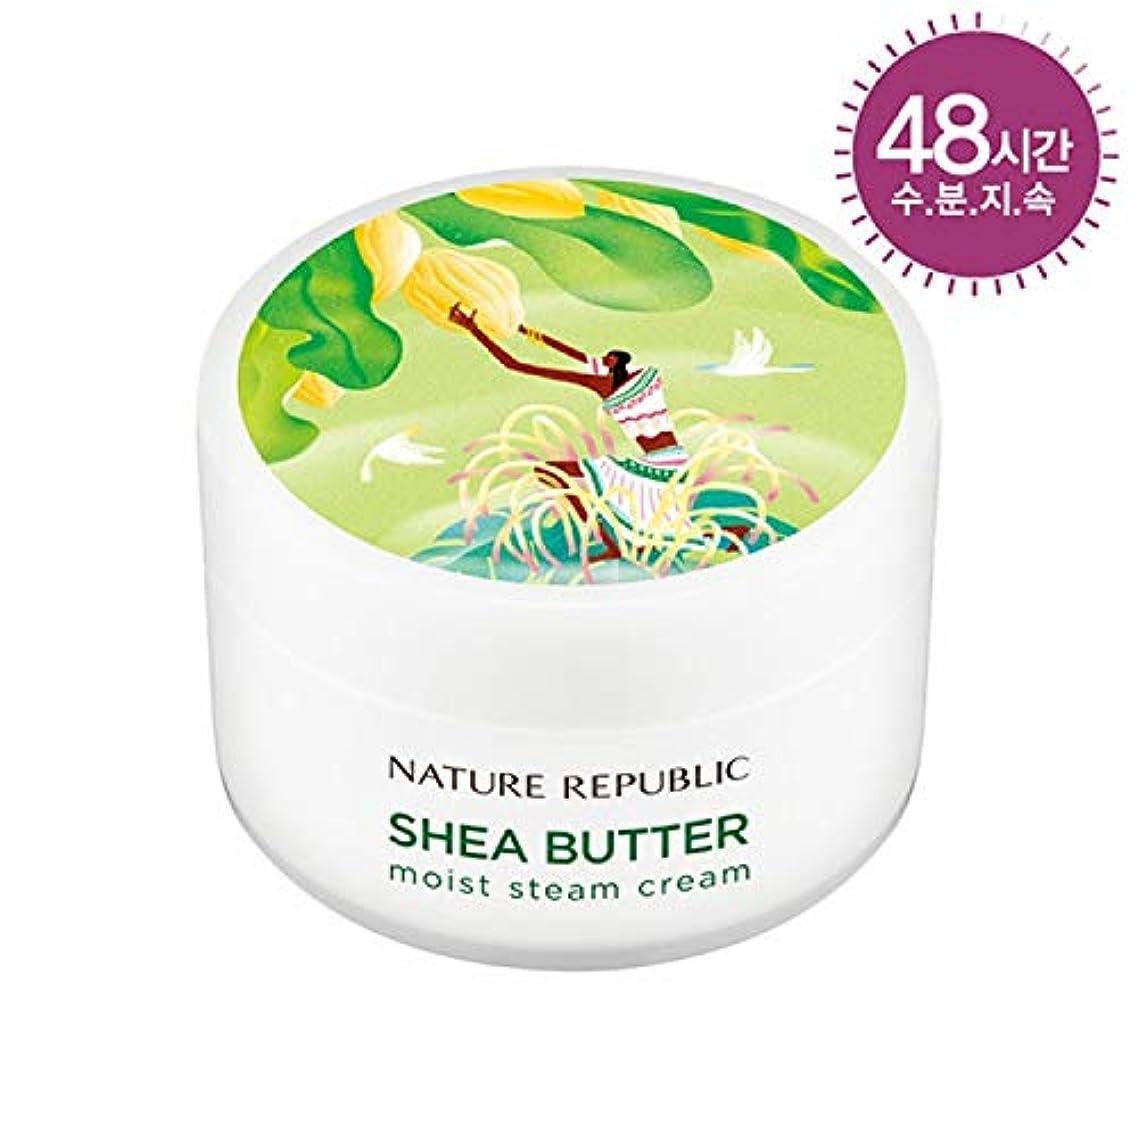 豊富パスポート法律ネイチャーリパブリック(Nature Republic)シェアバタースチームクリームモイスト[中乾燥肌] 100ml / Shea Butter Steam Cream 100ml (Moist) :: 韓国コスメ [並行輸入品]